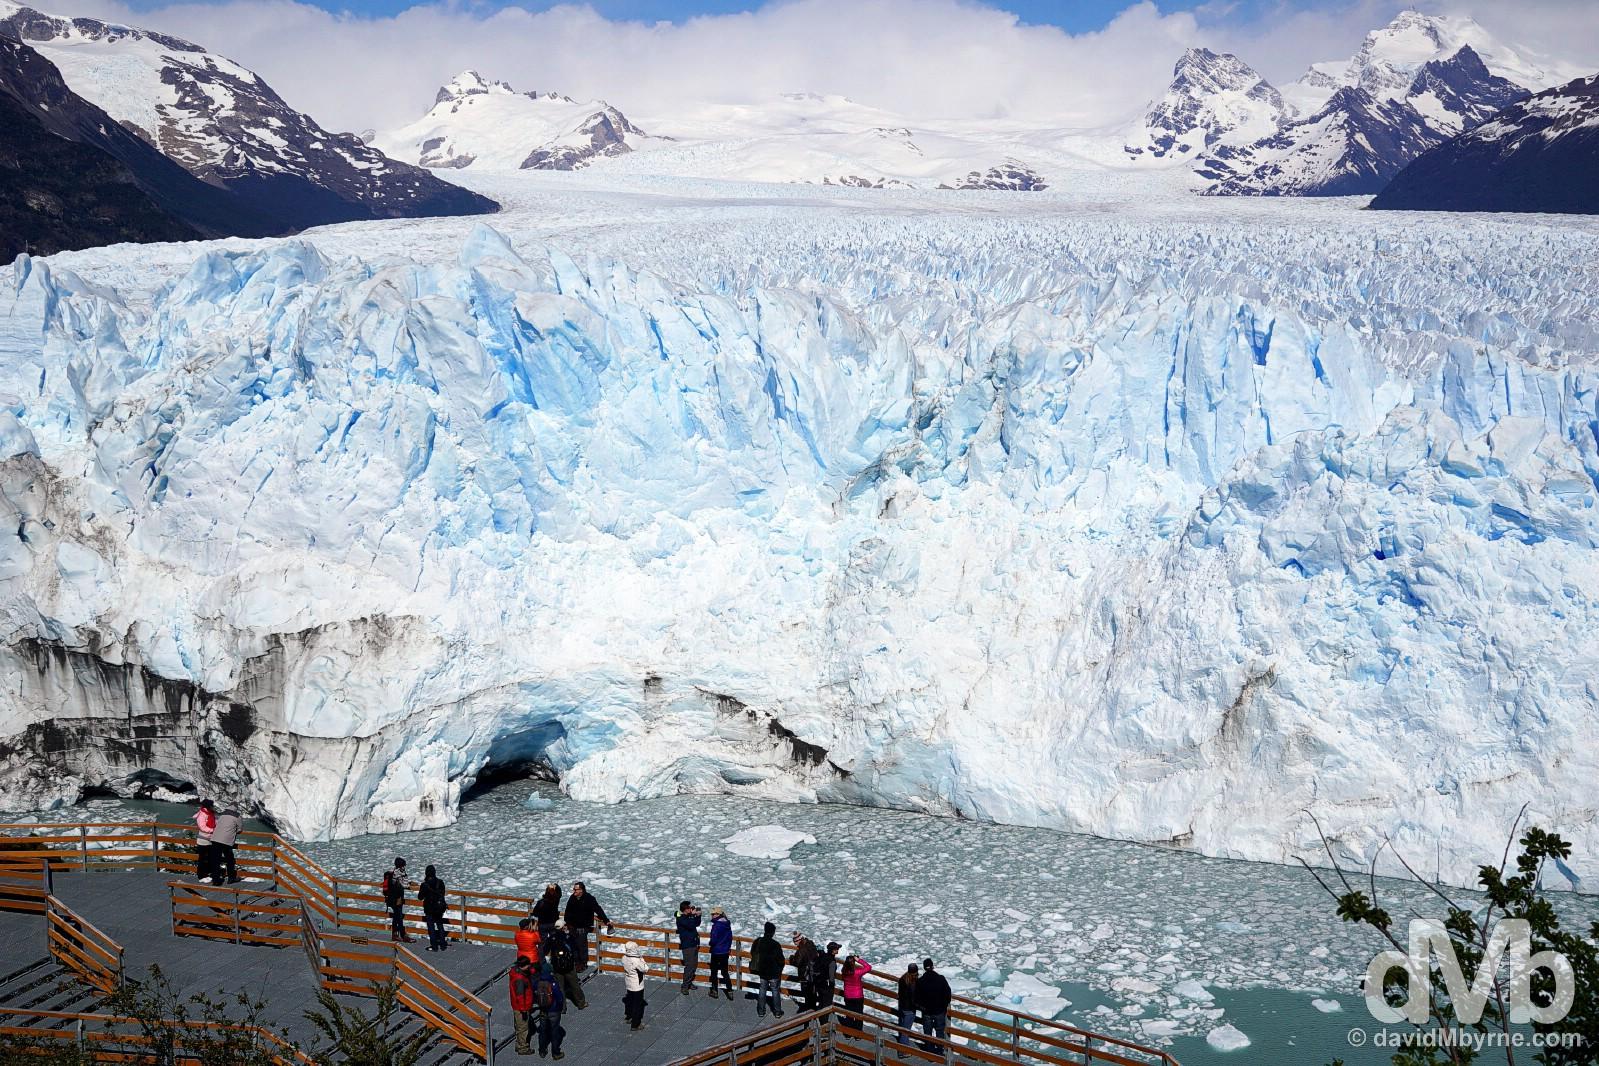 Viewing the Perito Moreno Glacier from the viewing platforms across the Canal de los Tempanos (Iceberg Channel) in Parque Nacional Los Glaciares, Patagonia, Argentina. November 2, 2015.